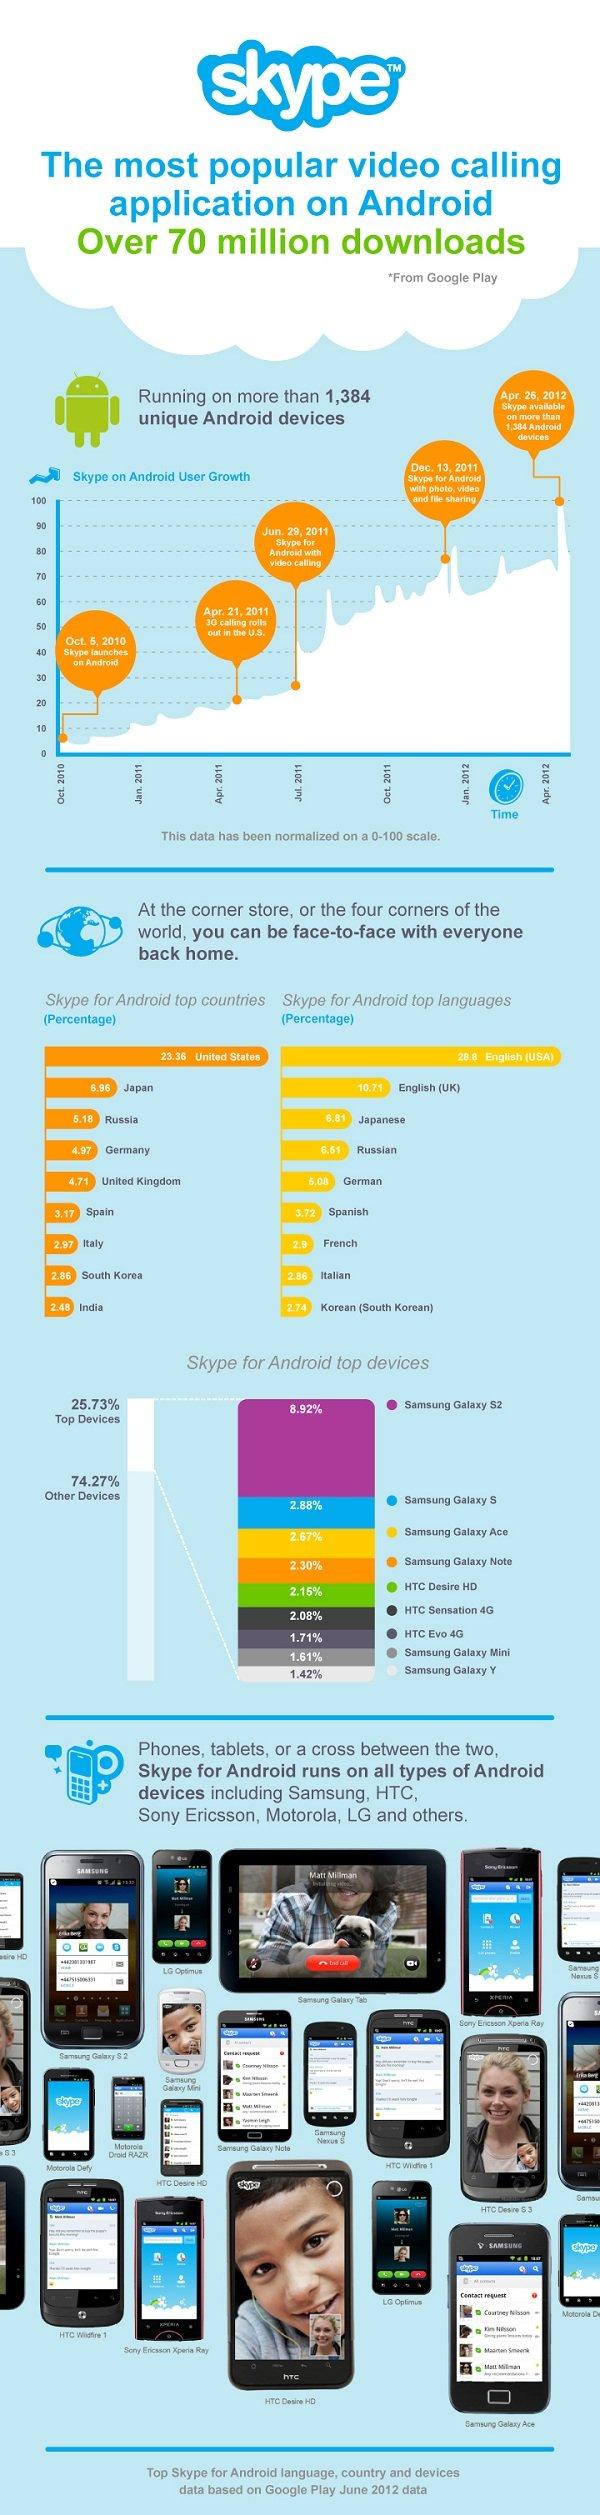 infografica skype